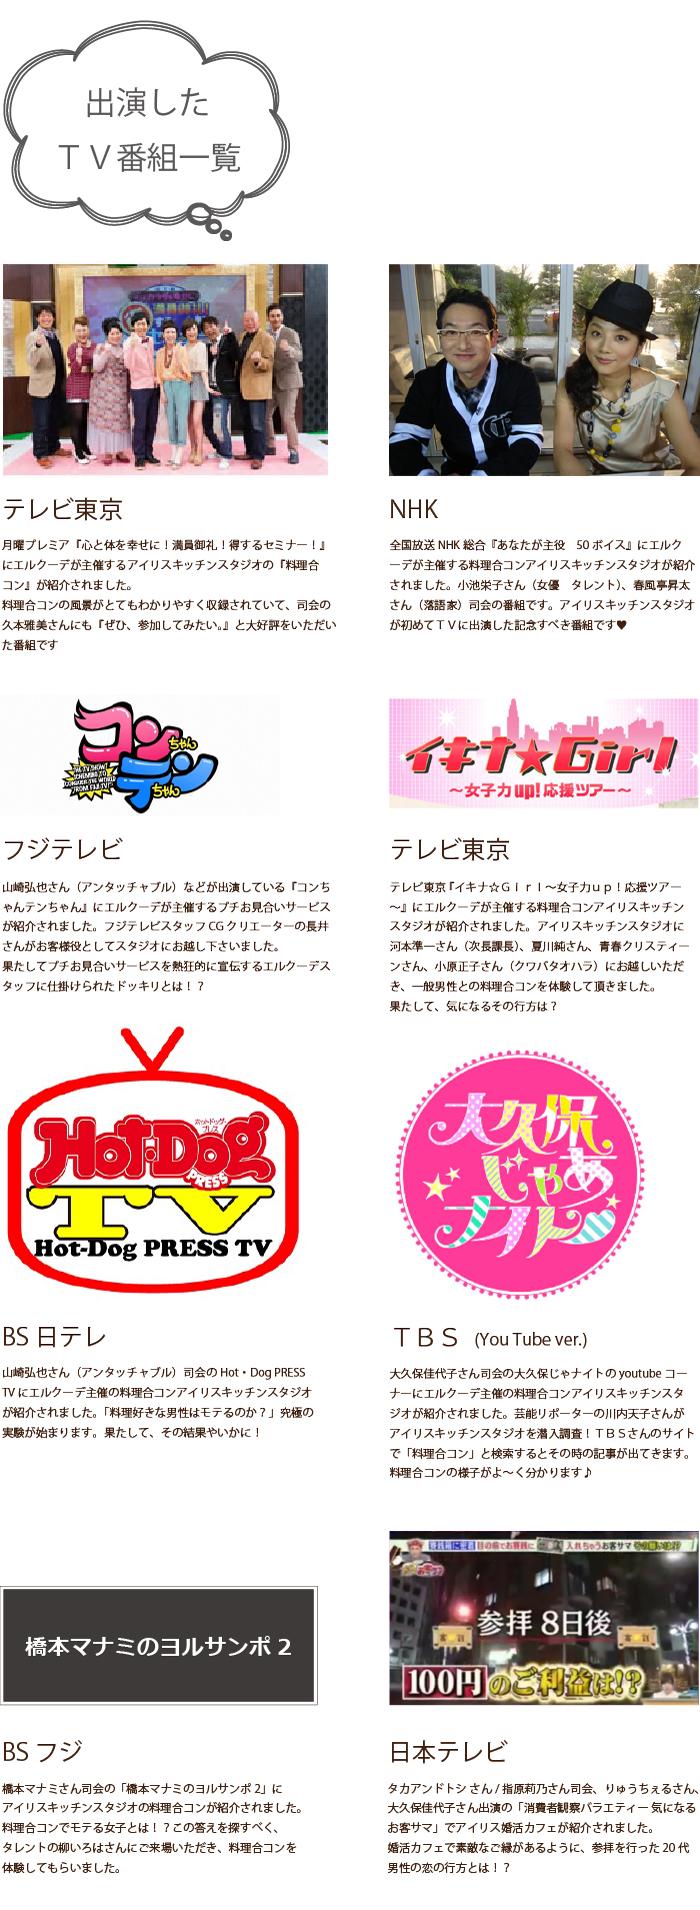 フジテレビ、TBS、NHK、テレビ東京、BS日テレ等のテレビ番組に取り上げられています。